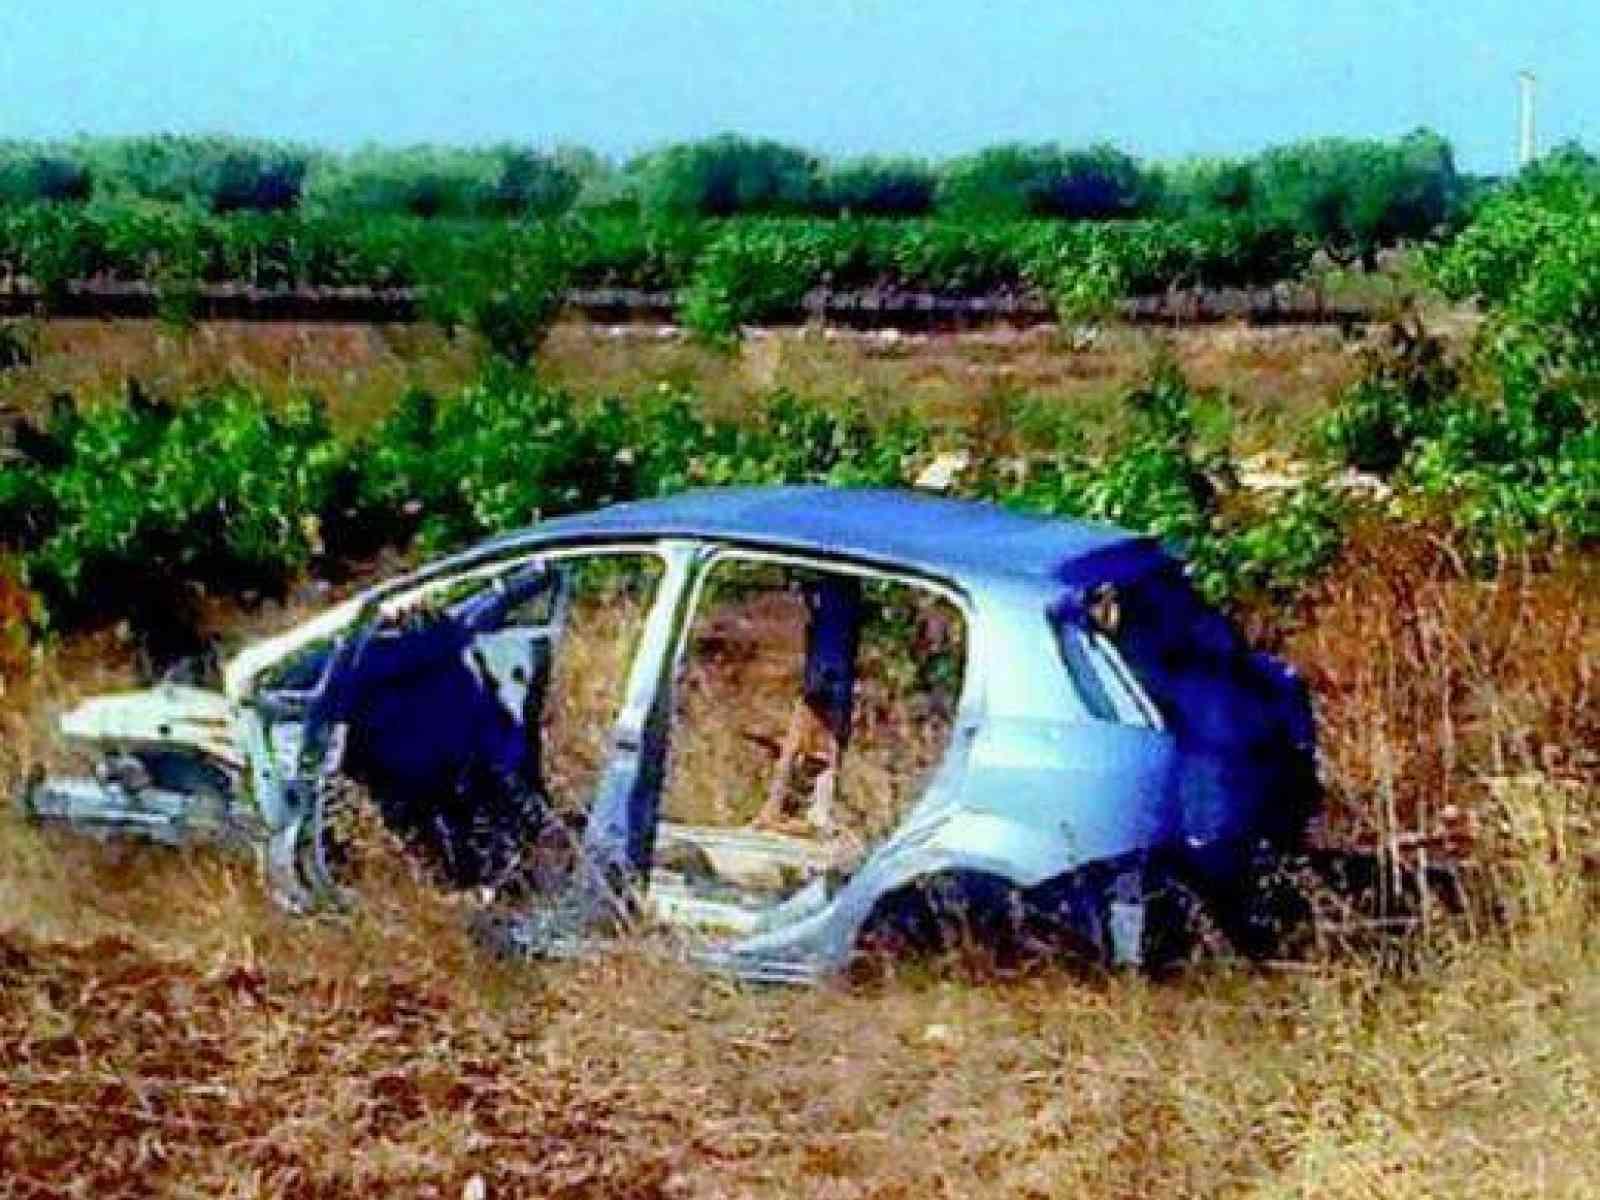 Immagine articolo: Santa Margherita, numerose auto abbandonate in strada riprese dai proprietari. Previste elevate sanzioni